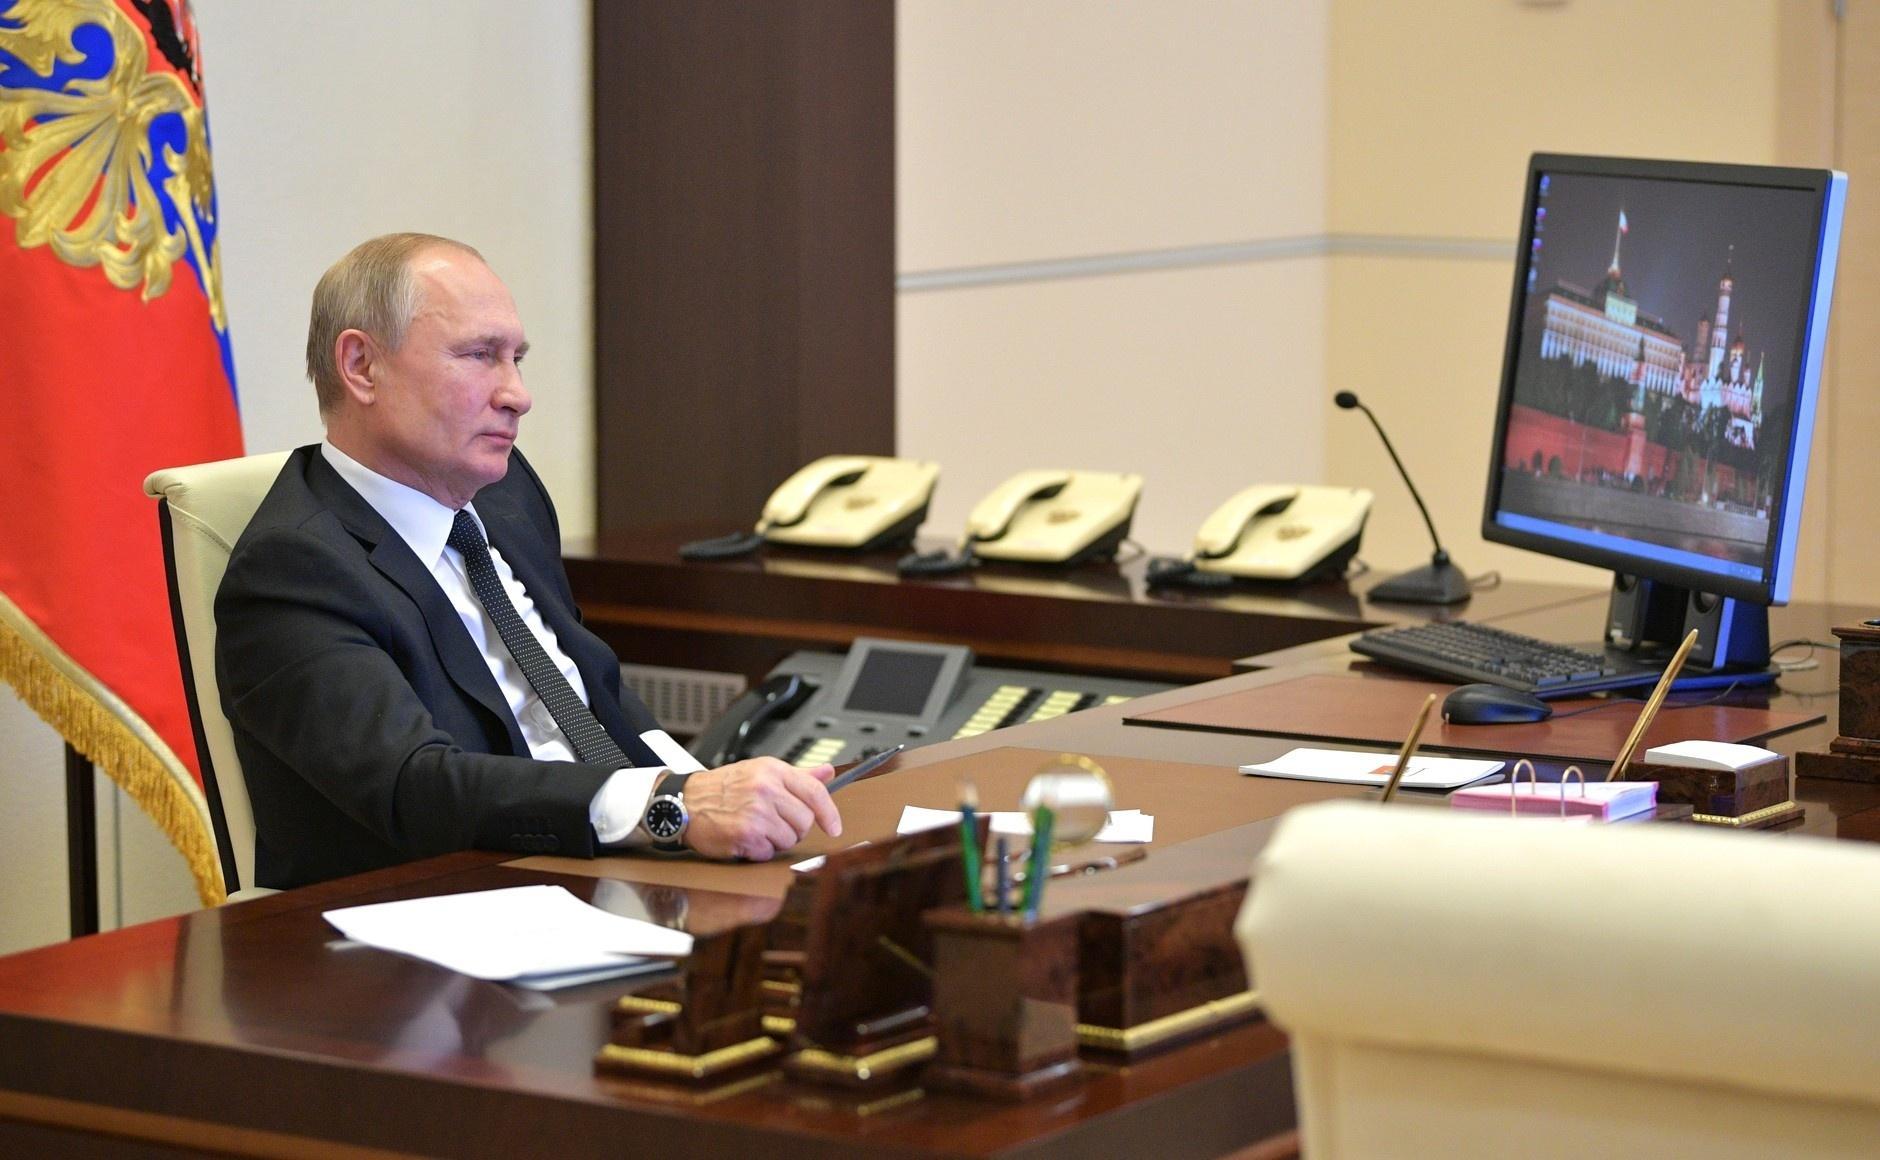 Entenda porque a Rússia se desconectou da internet mundial